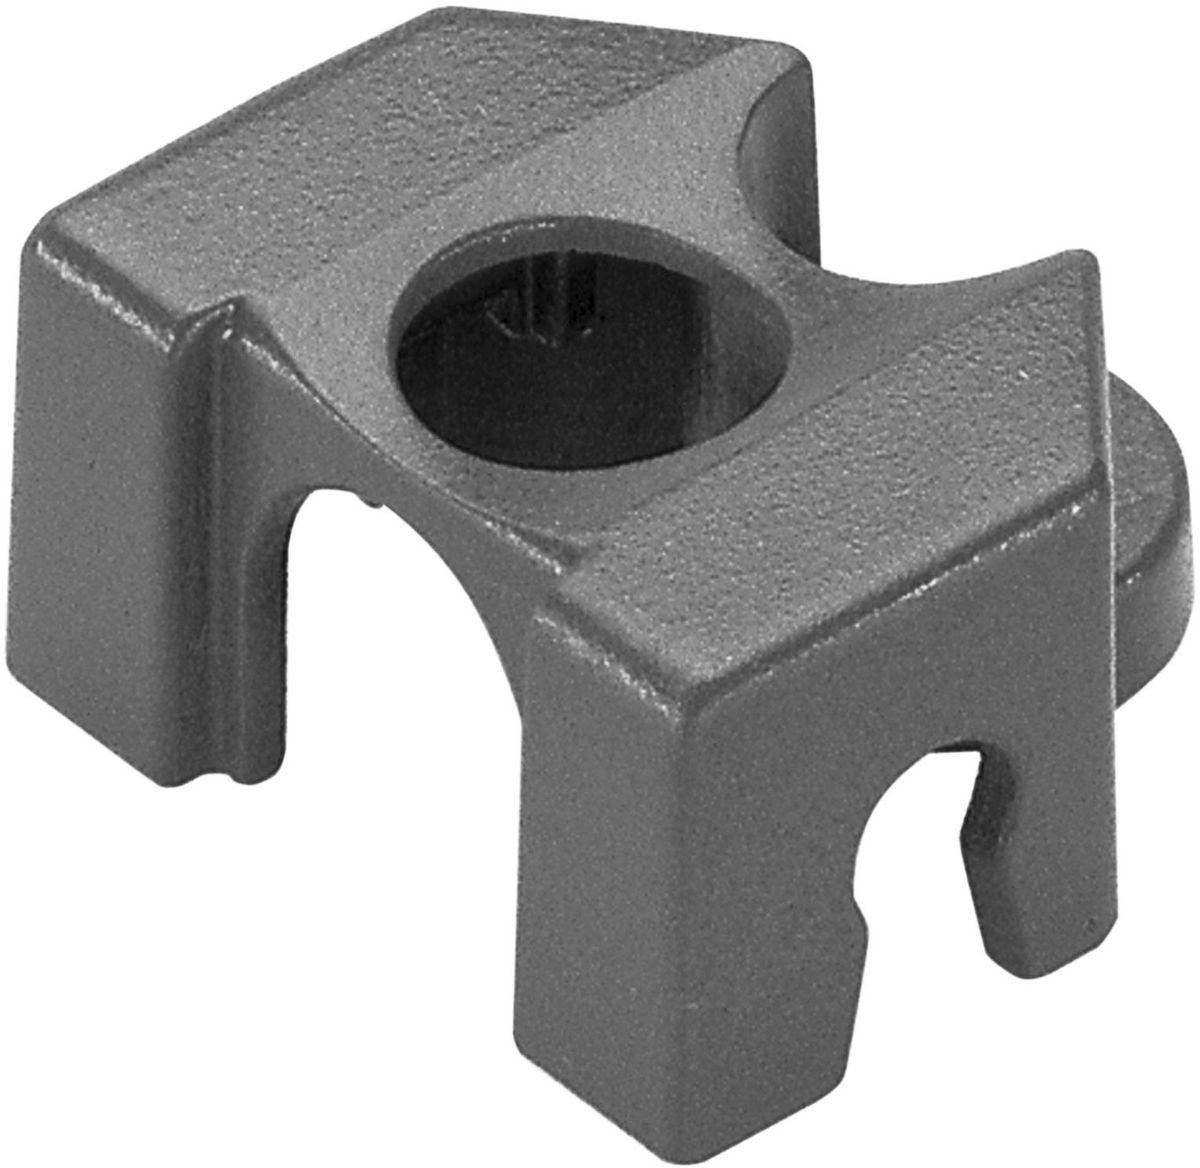 Крепление Gardena, 4,6 мм (1/2), 5 шт. 08379-20.000.0008379-20.000.00Крепление GARDENA предназначено для простого и надежного закрепления шлангов системы микрокапельного полива GARDENA Micro-Drip-System на твердой поверхности. Также крепление используется для закрепления микронасадок на подающем шланге диаметром 13 мм (4,6/16 дюйма). Крепление в паре с Т-образным соединителем для микронасадок (арт. 8332-20) и надставкой (арт. 1377-20) позволяет регулировать высоту микронасадок. Крепления поставляются по 5 шт. в комплекте.